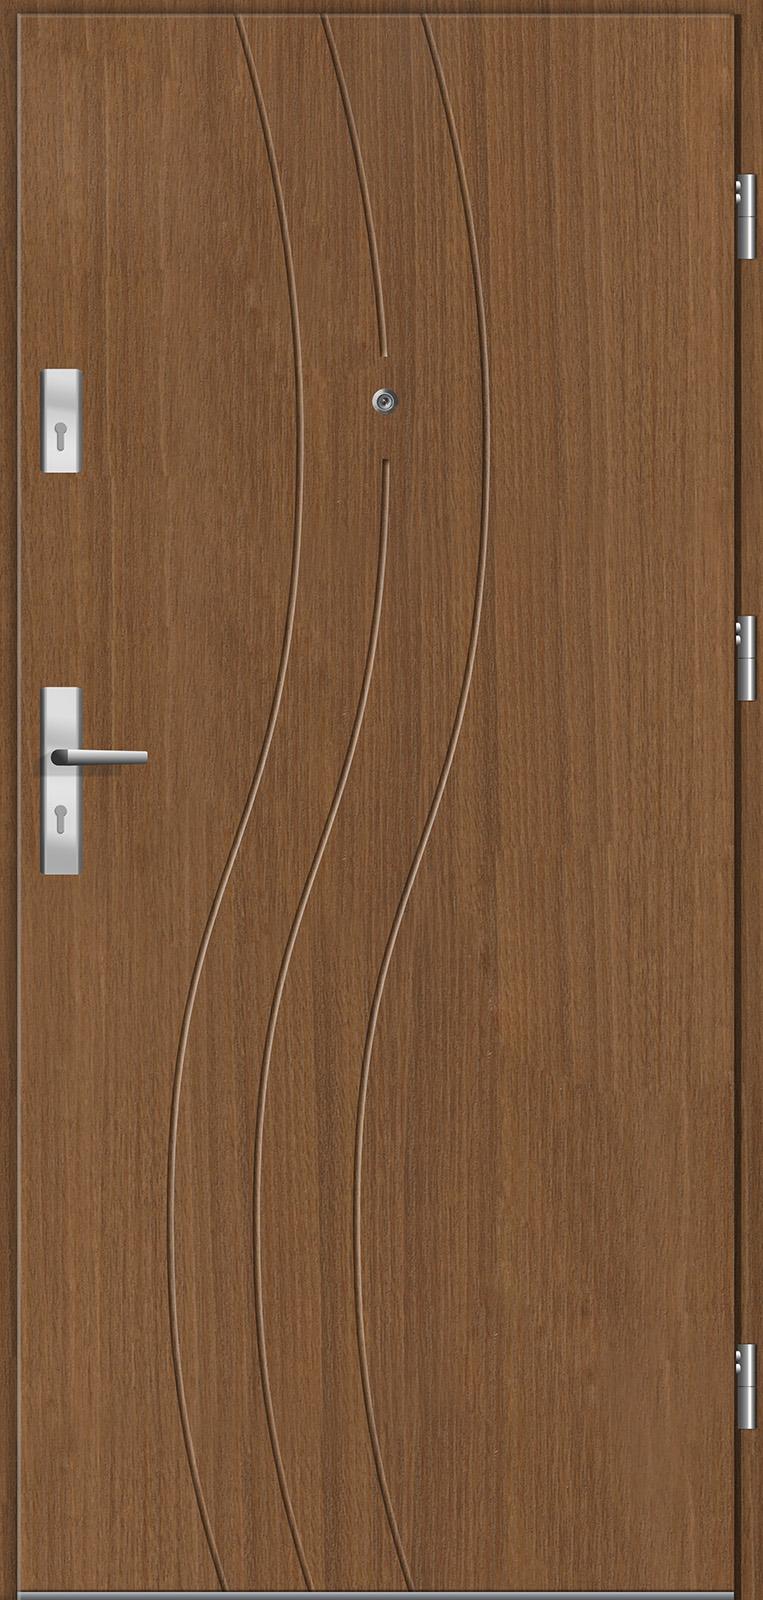 Drzwi wewnętrzne do mieszkań Otium 21 tuja